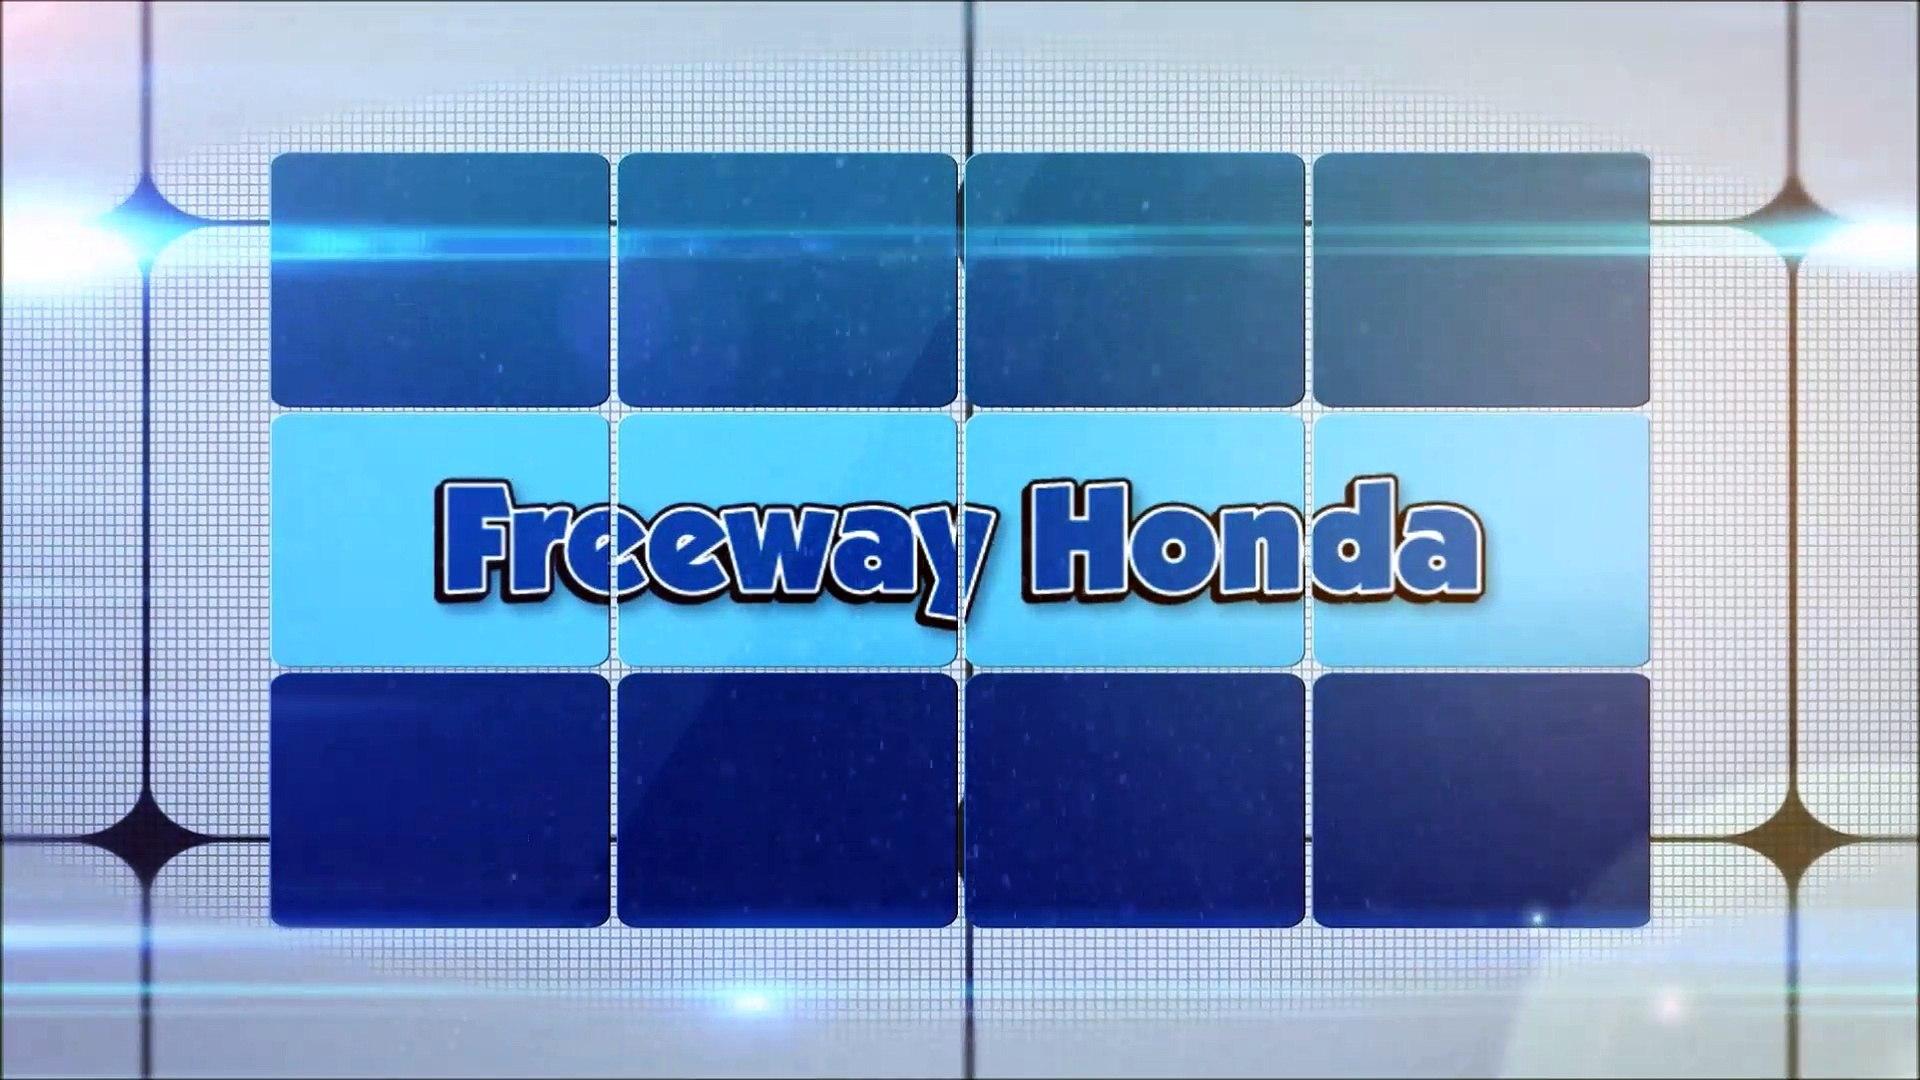 2017 Honda Civic Garden Grove, CA | Honda Civic Dealer Garden Grove, CA